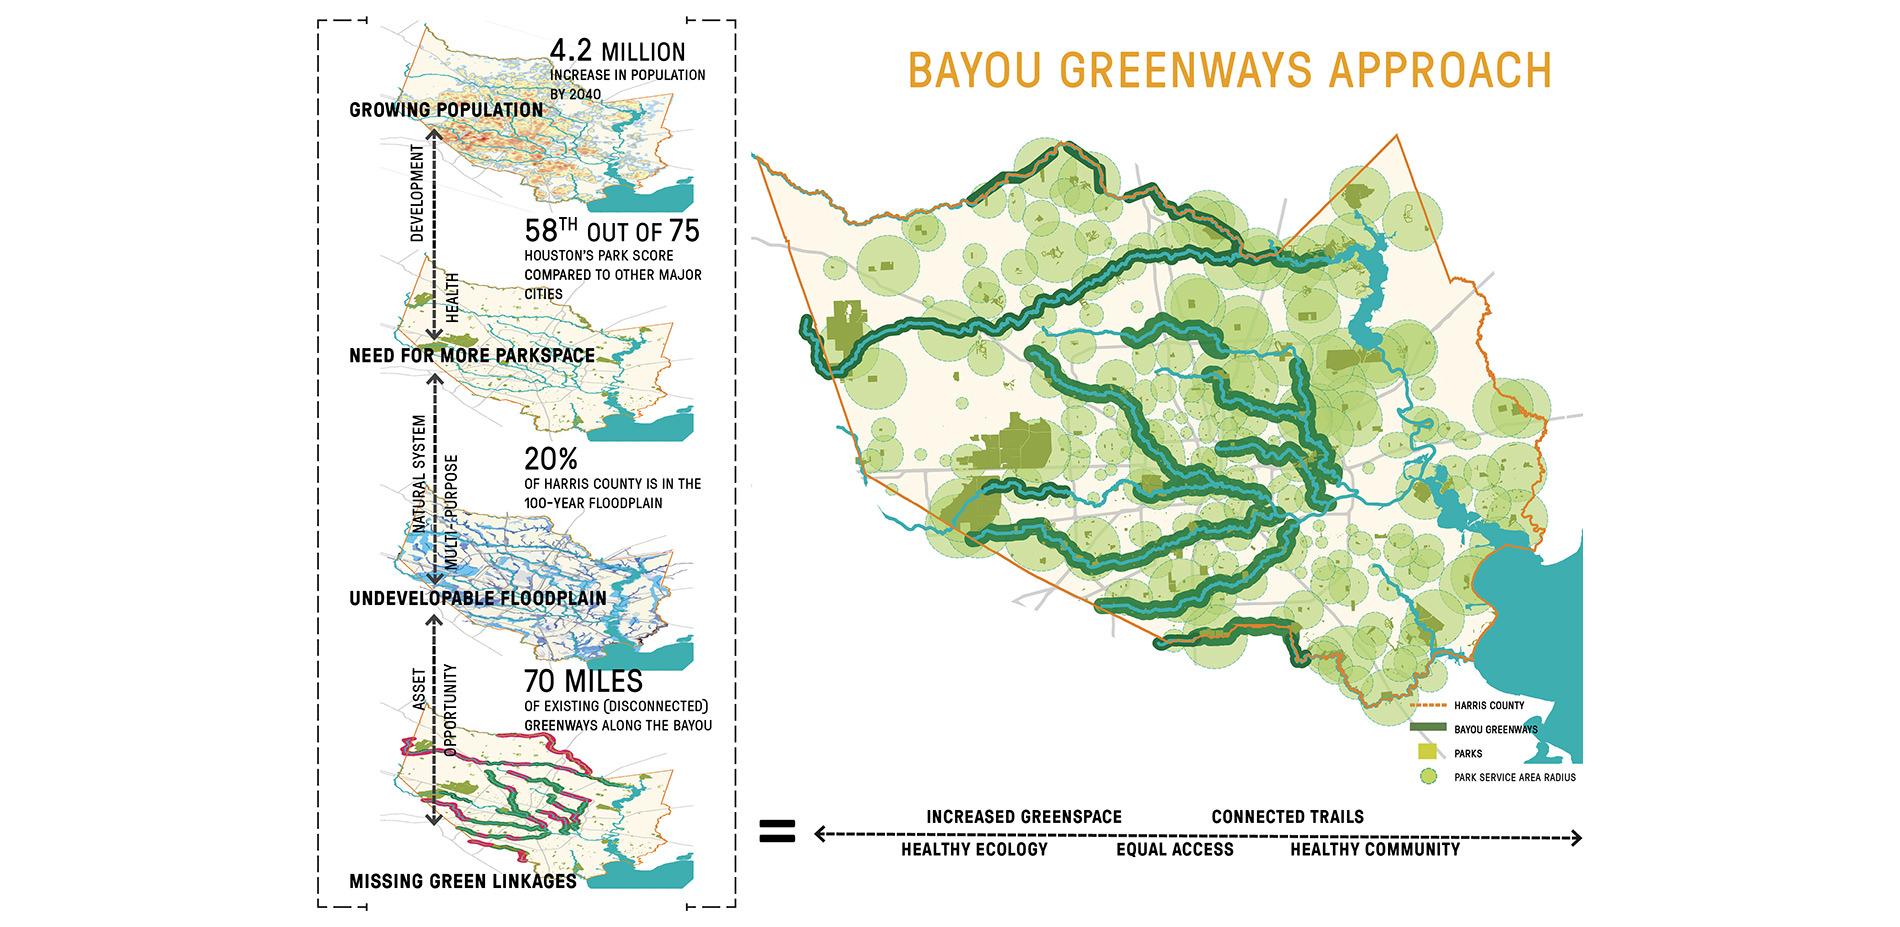 Bayous In Houston Map.Bayou Greenways Realizing The Vision 2016 Asla Professional Awards